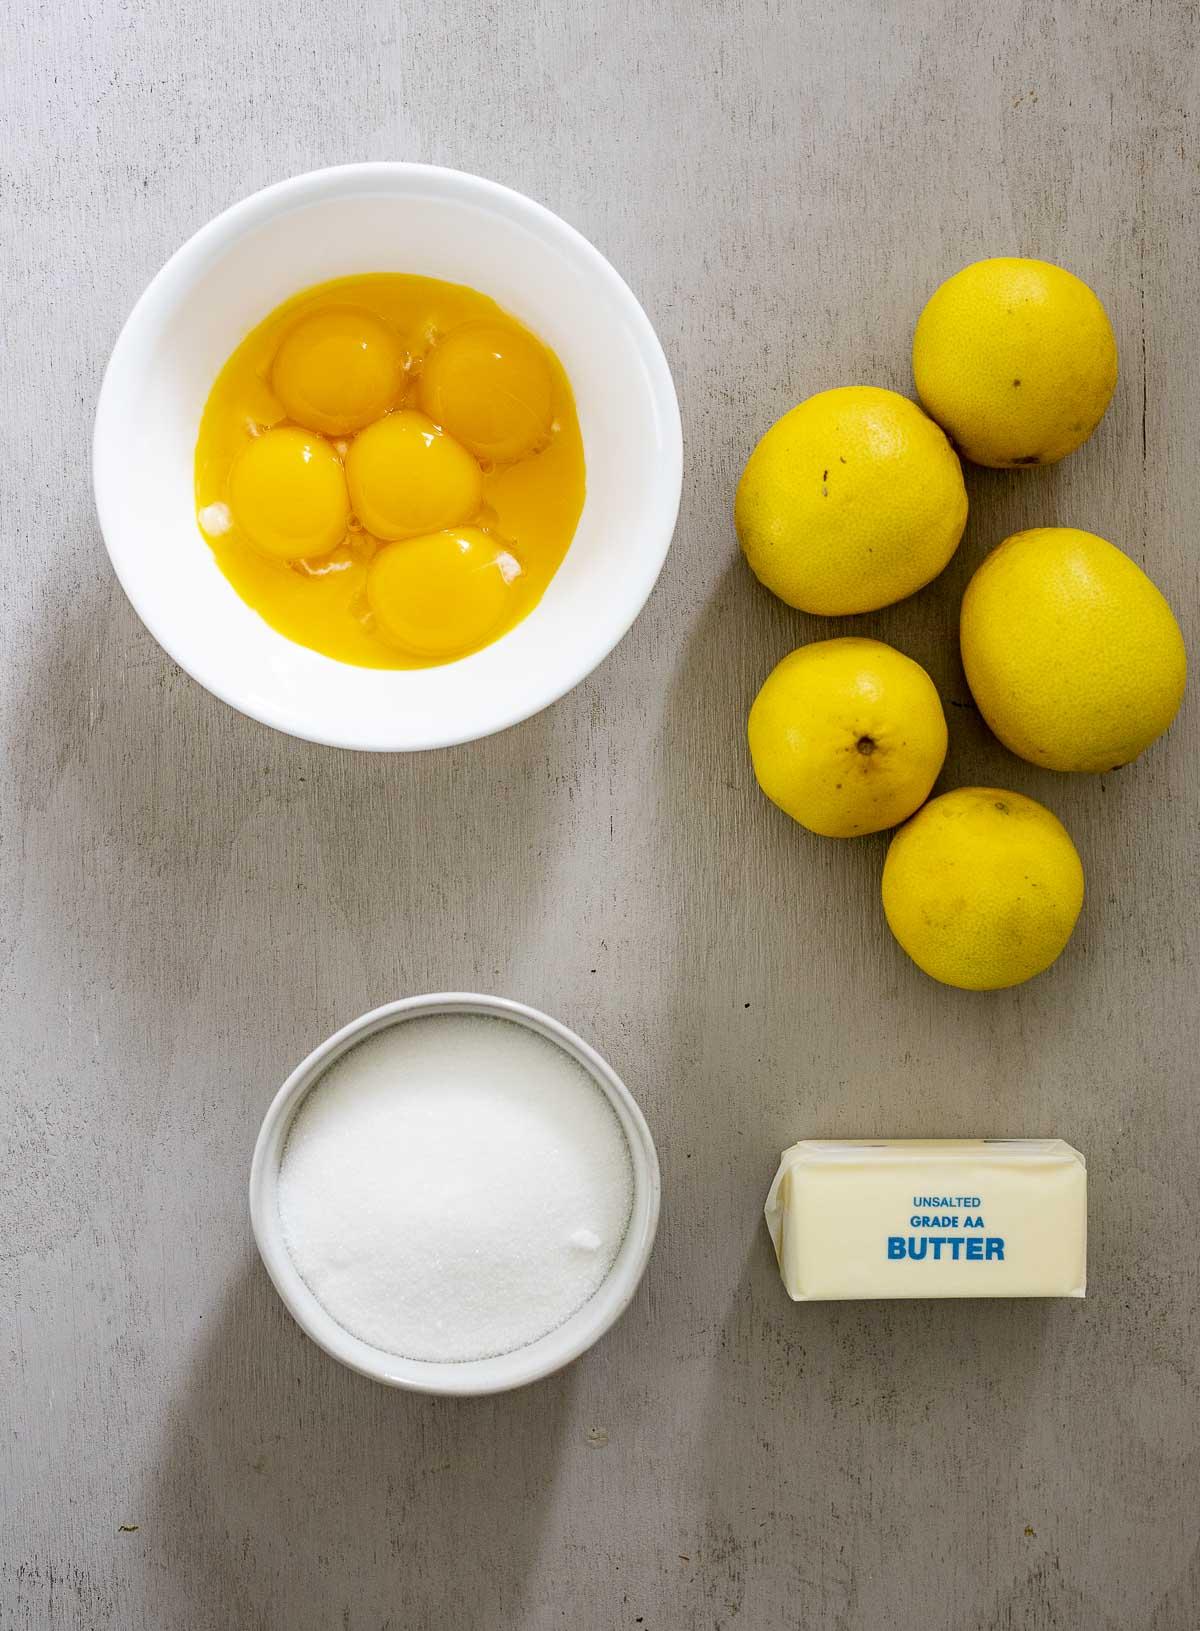 Ingredients needed to make lemon curd.